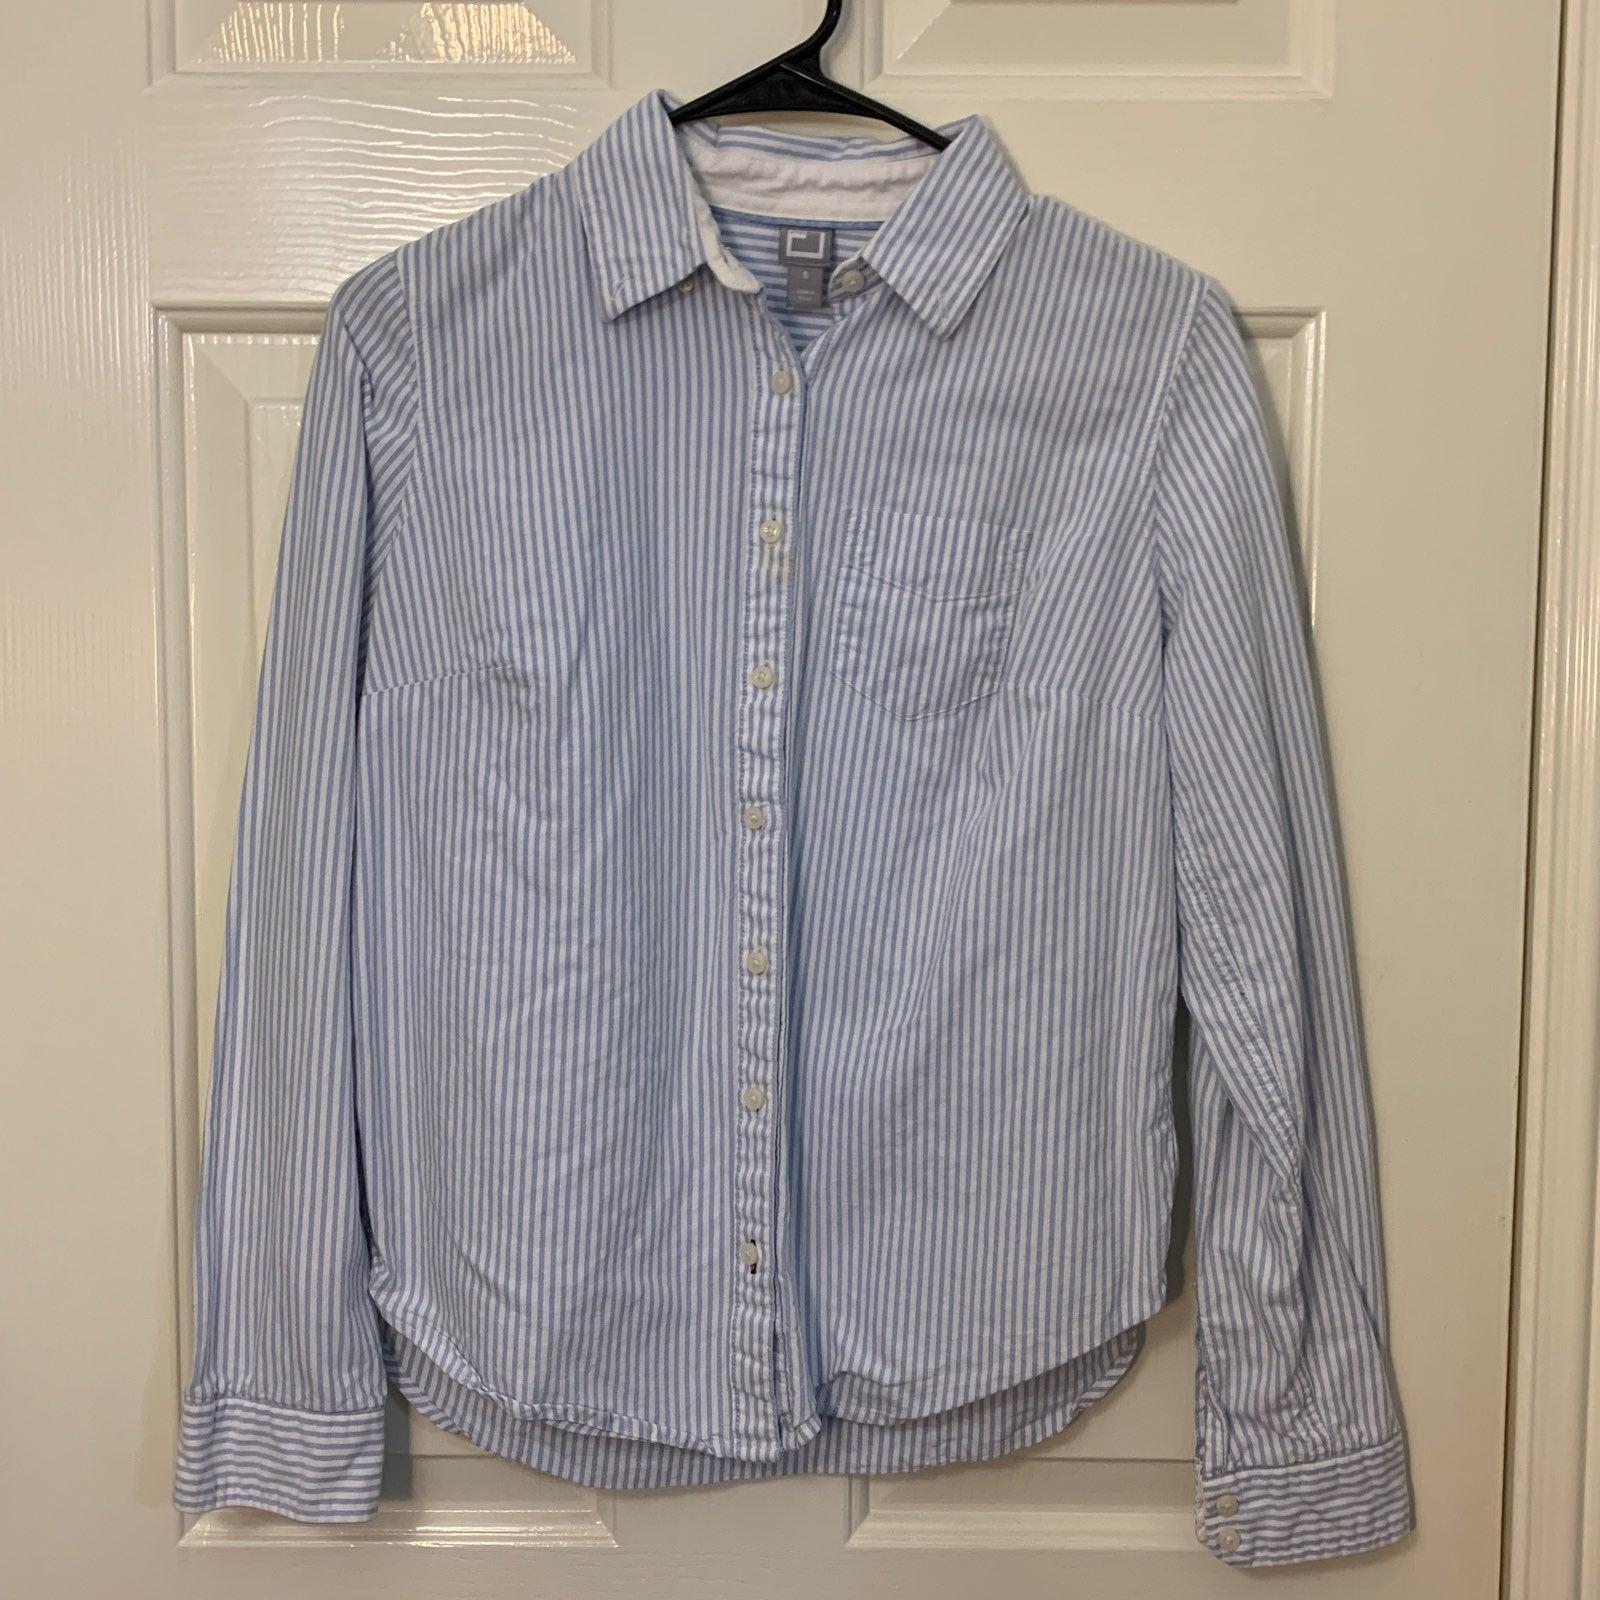 Dress shirt for women